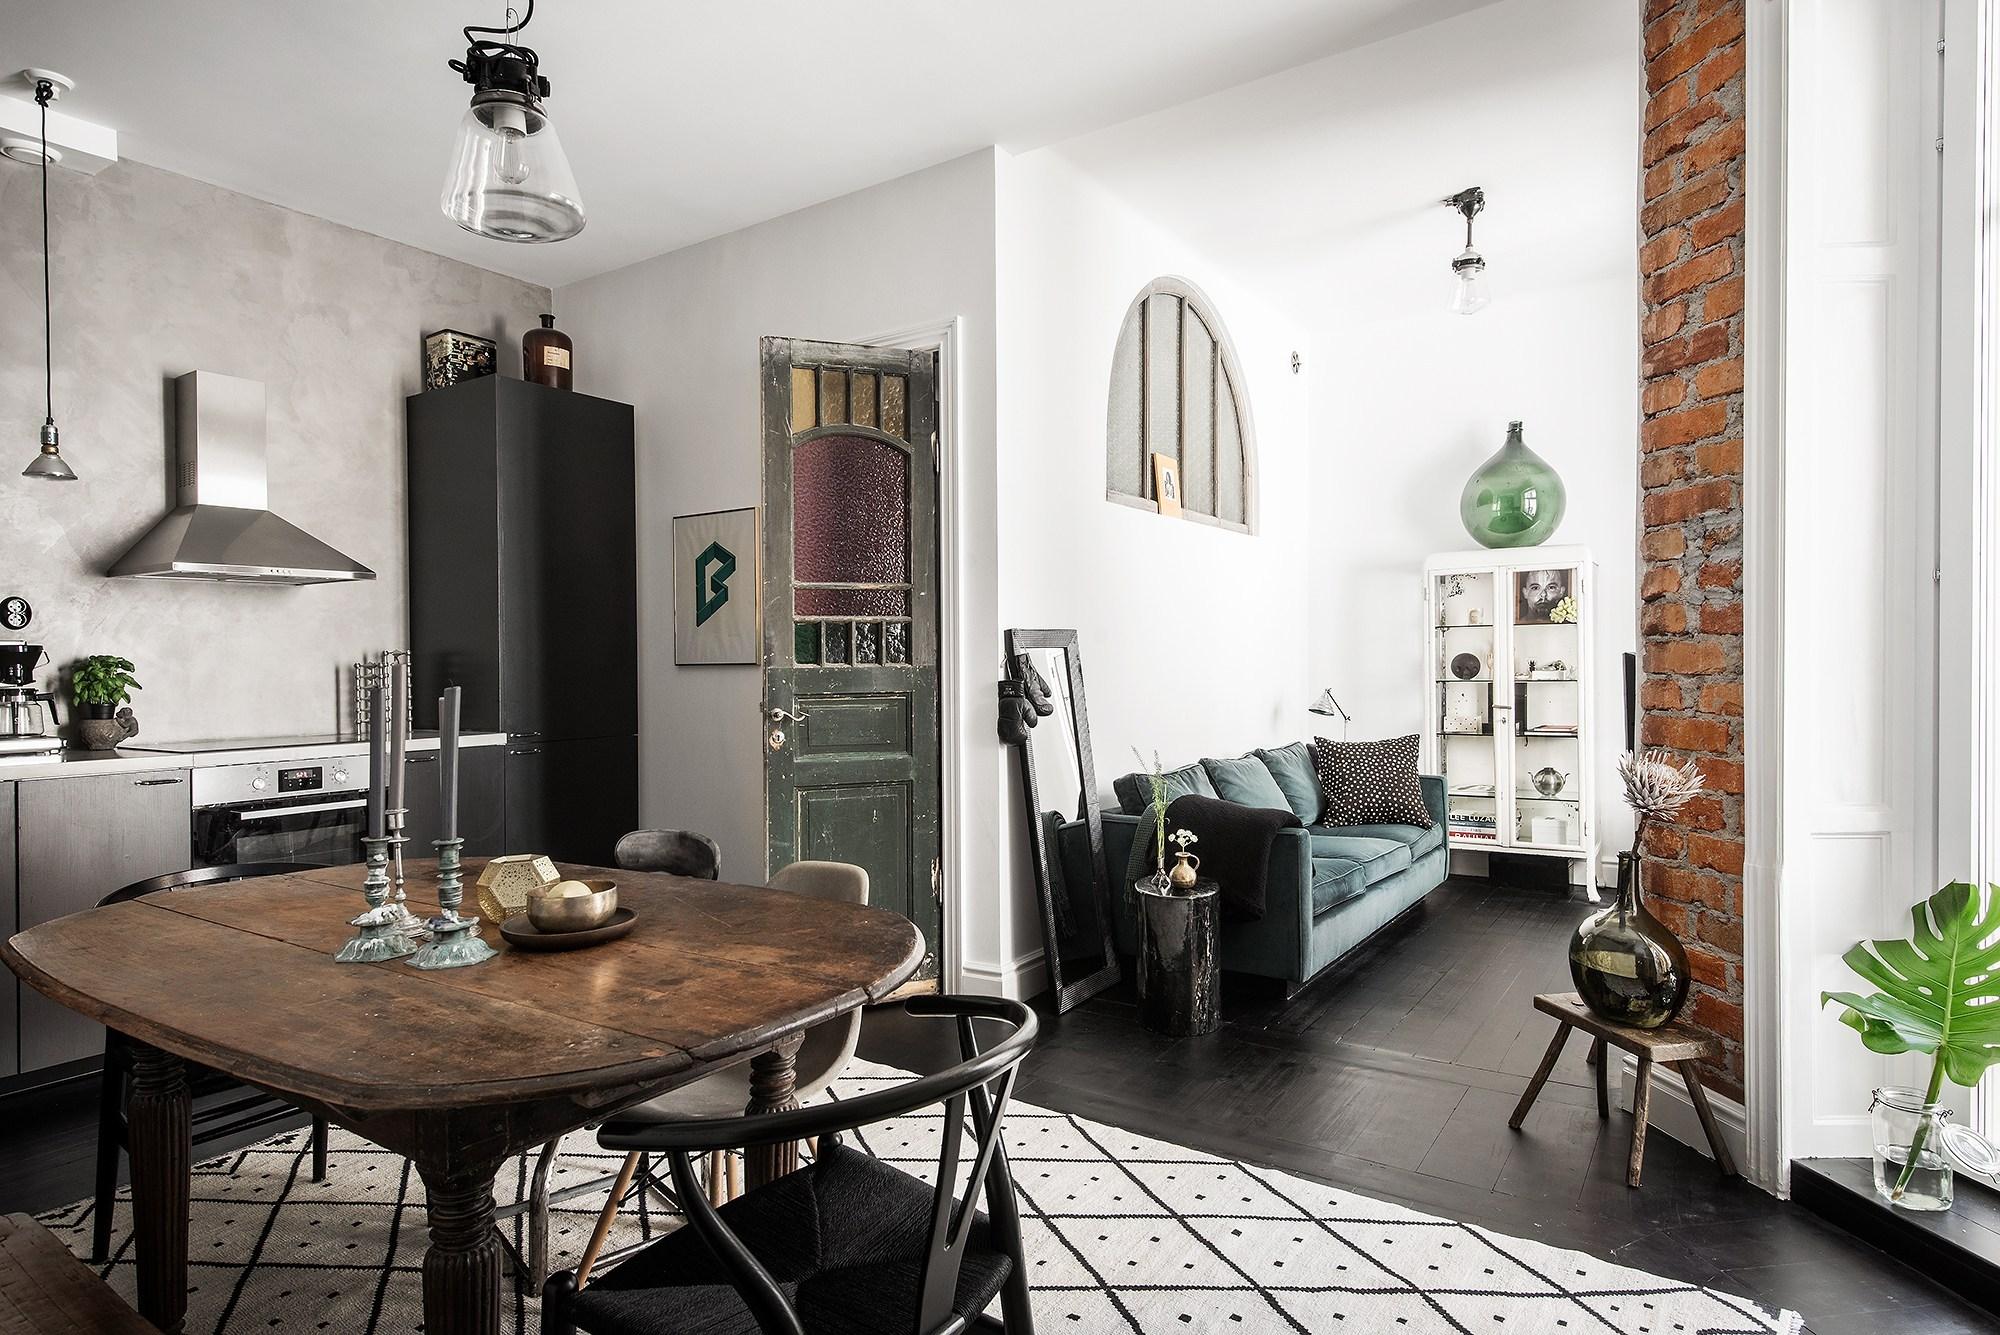 Tận dụng đồ cũ, căn hộ 42m² vẫn đẹp cá tính từng góc nhỏ - Ảnh 3.